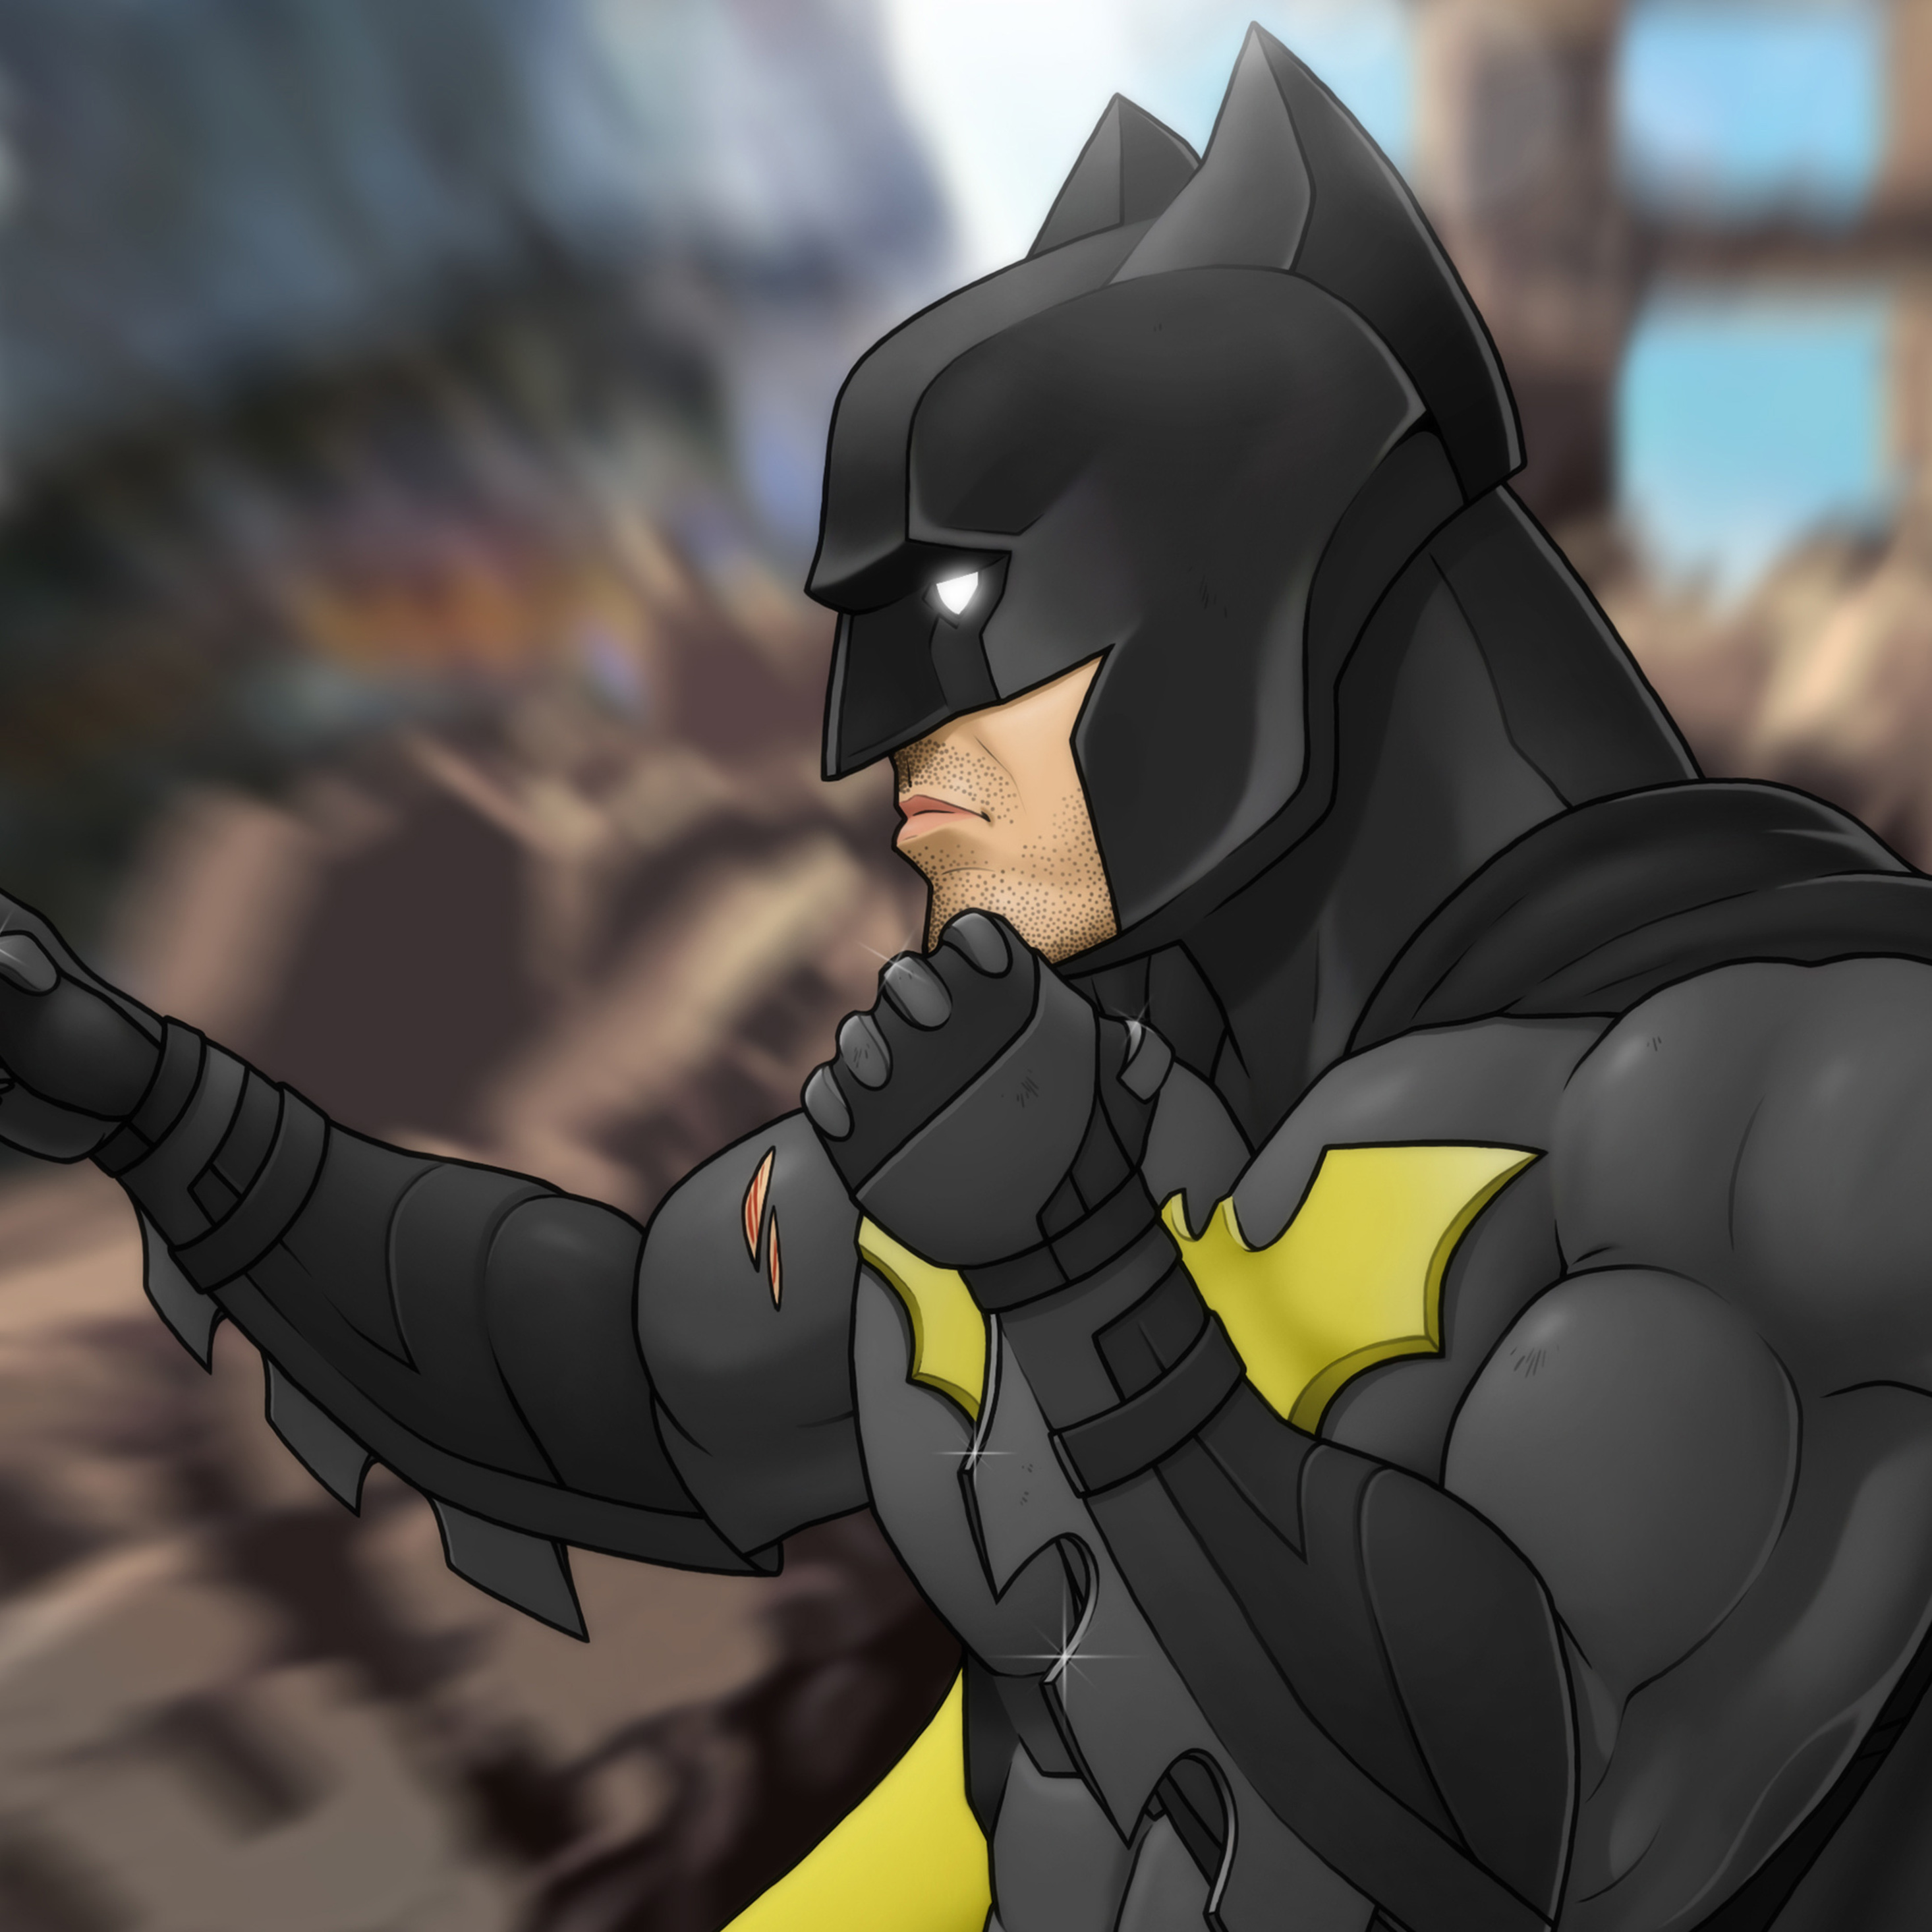 batman-justice-league-art-4k-m0.jpg